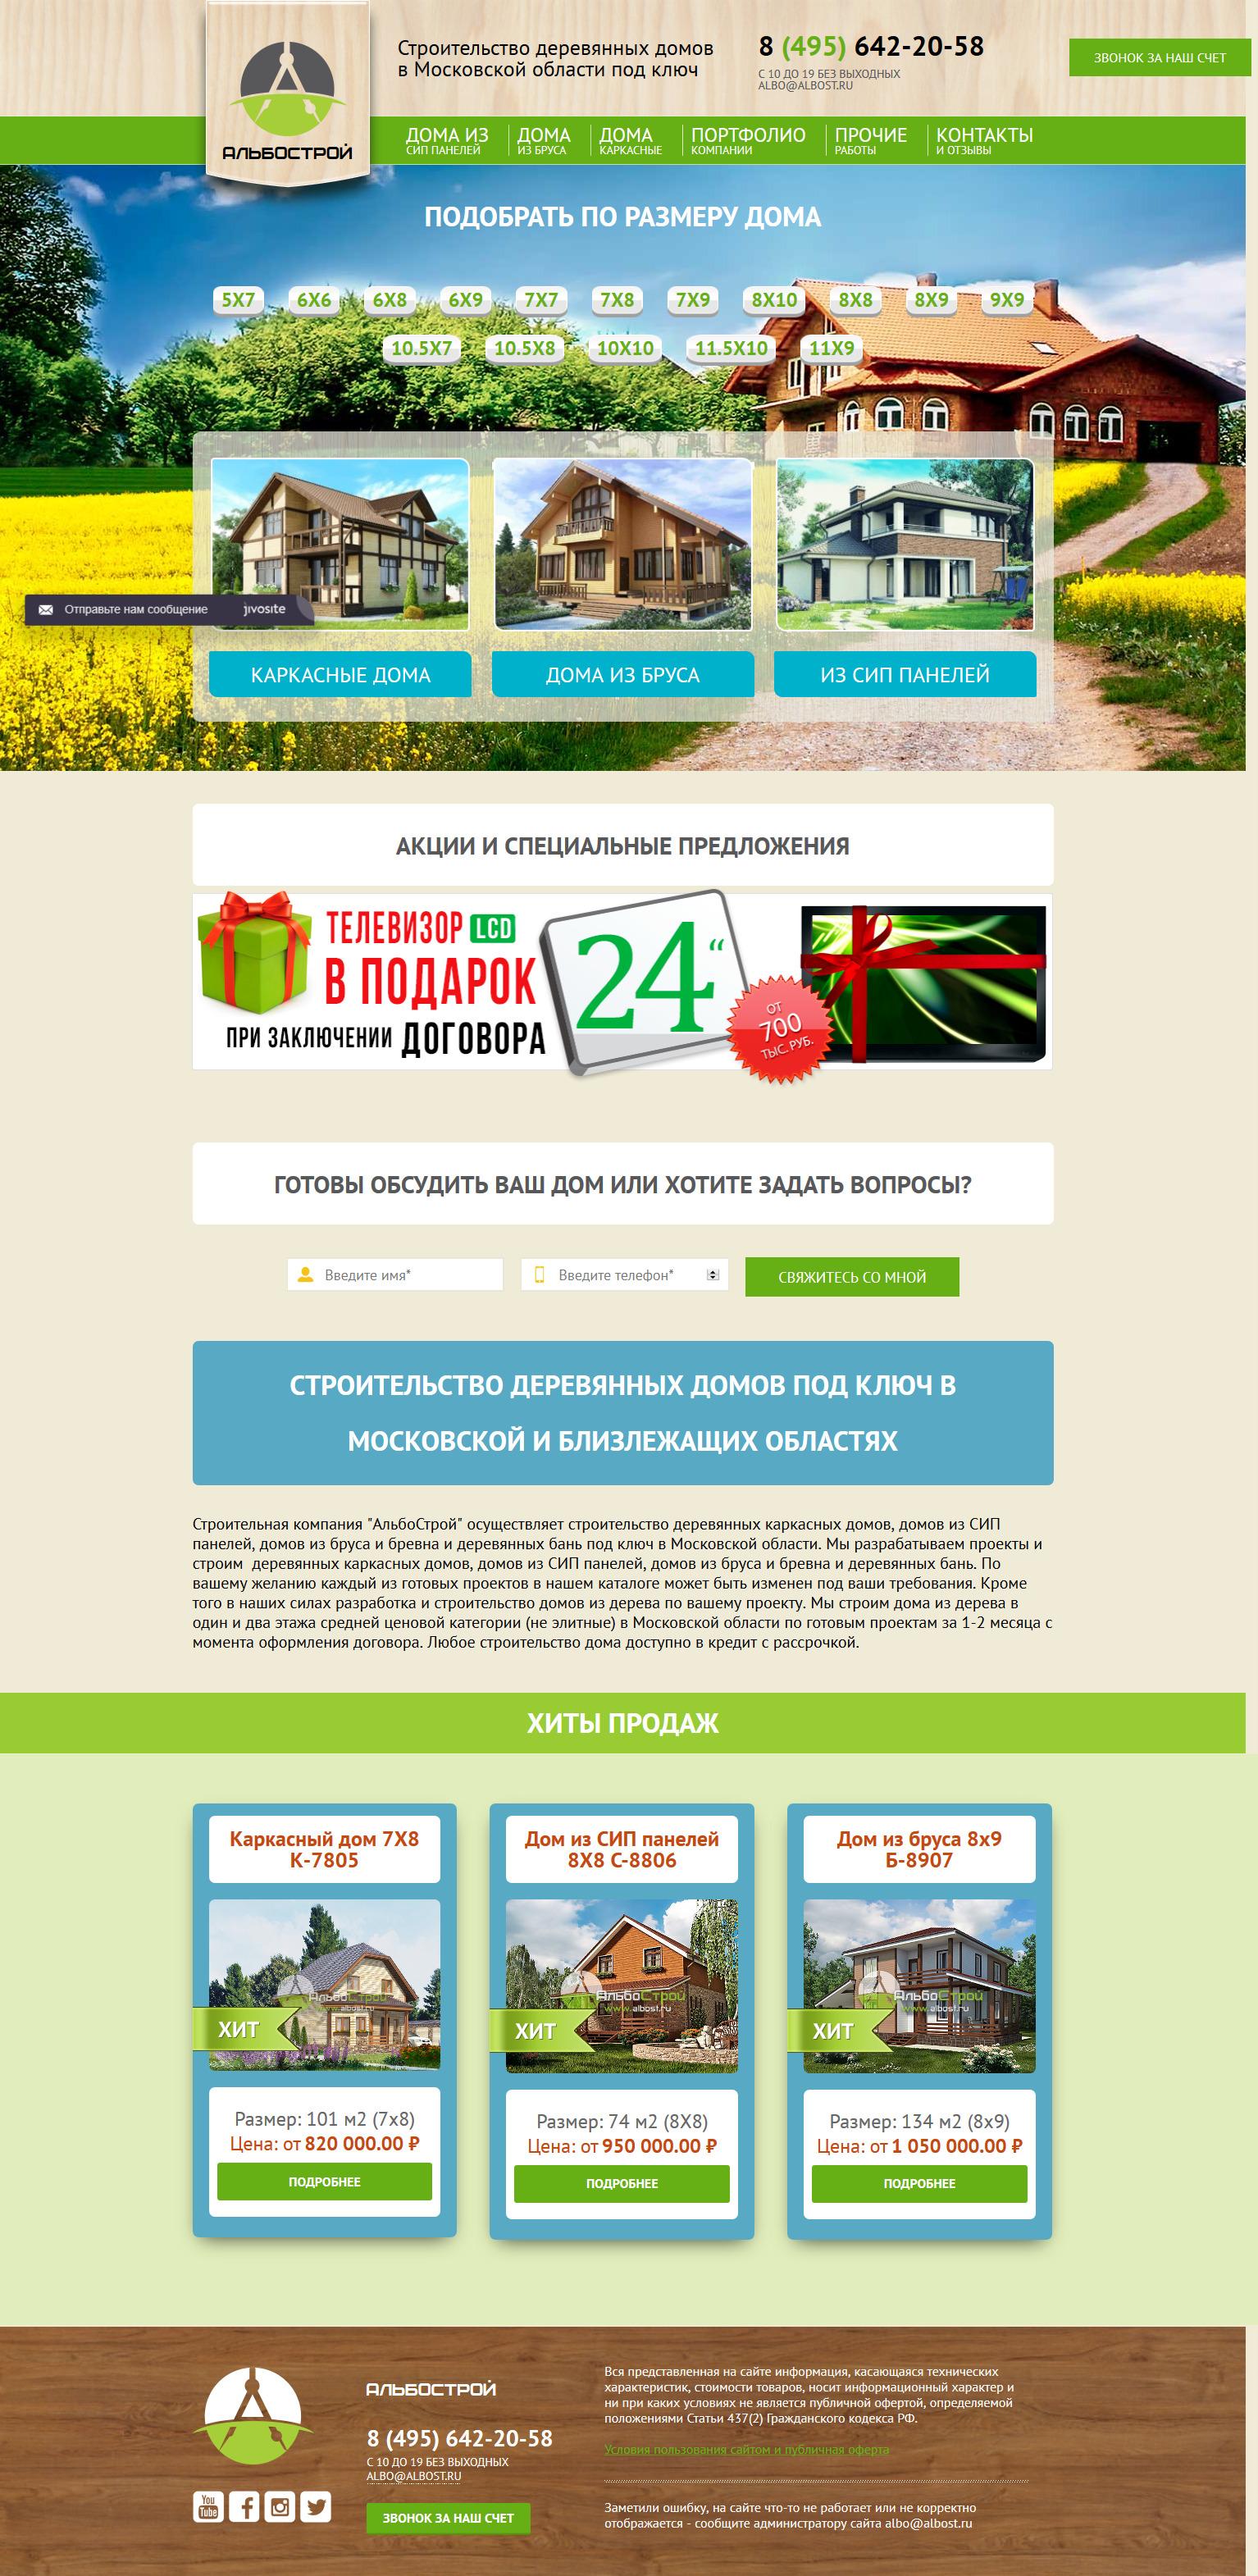 Альбострой (Верстка + Wordpress)